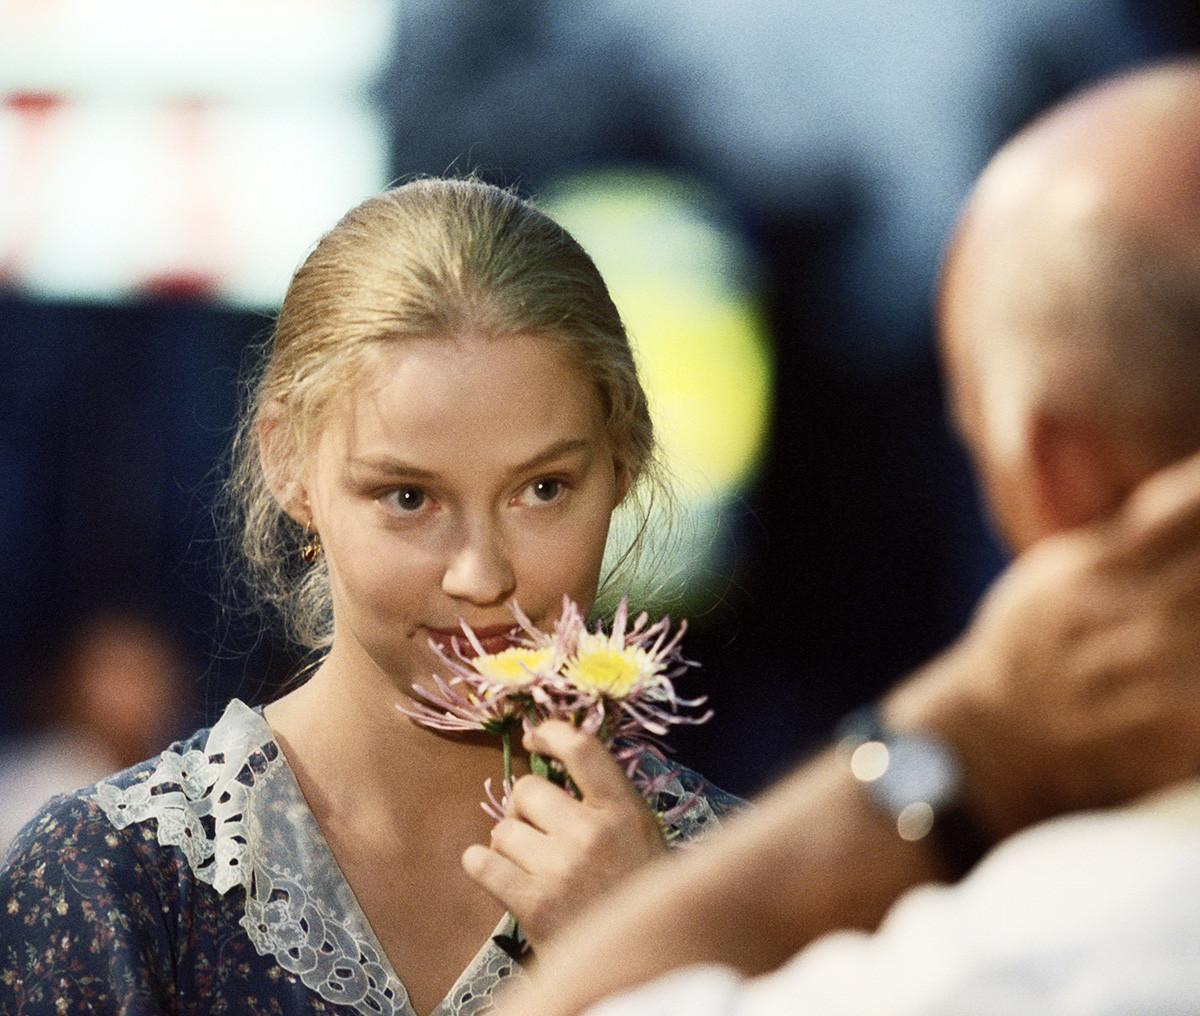 ドラマ「Bless the woman」に演じるスヴェトラーナ・コドチェンコワ